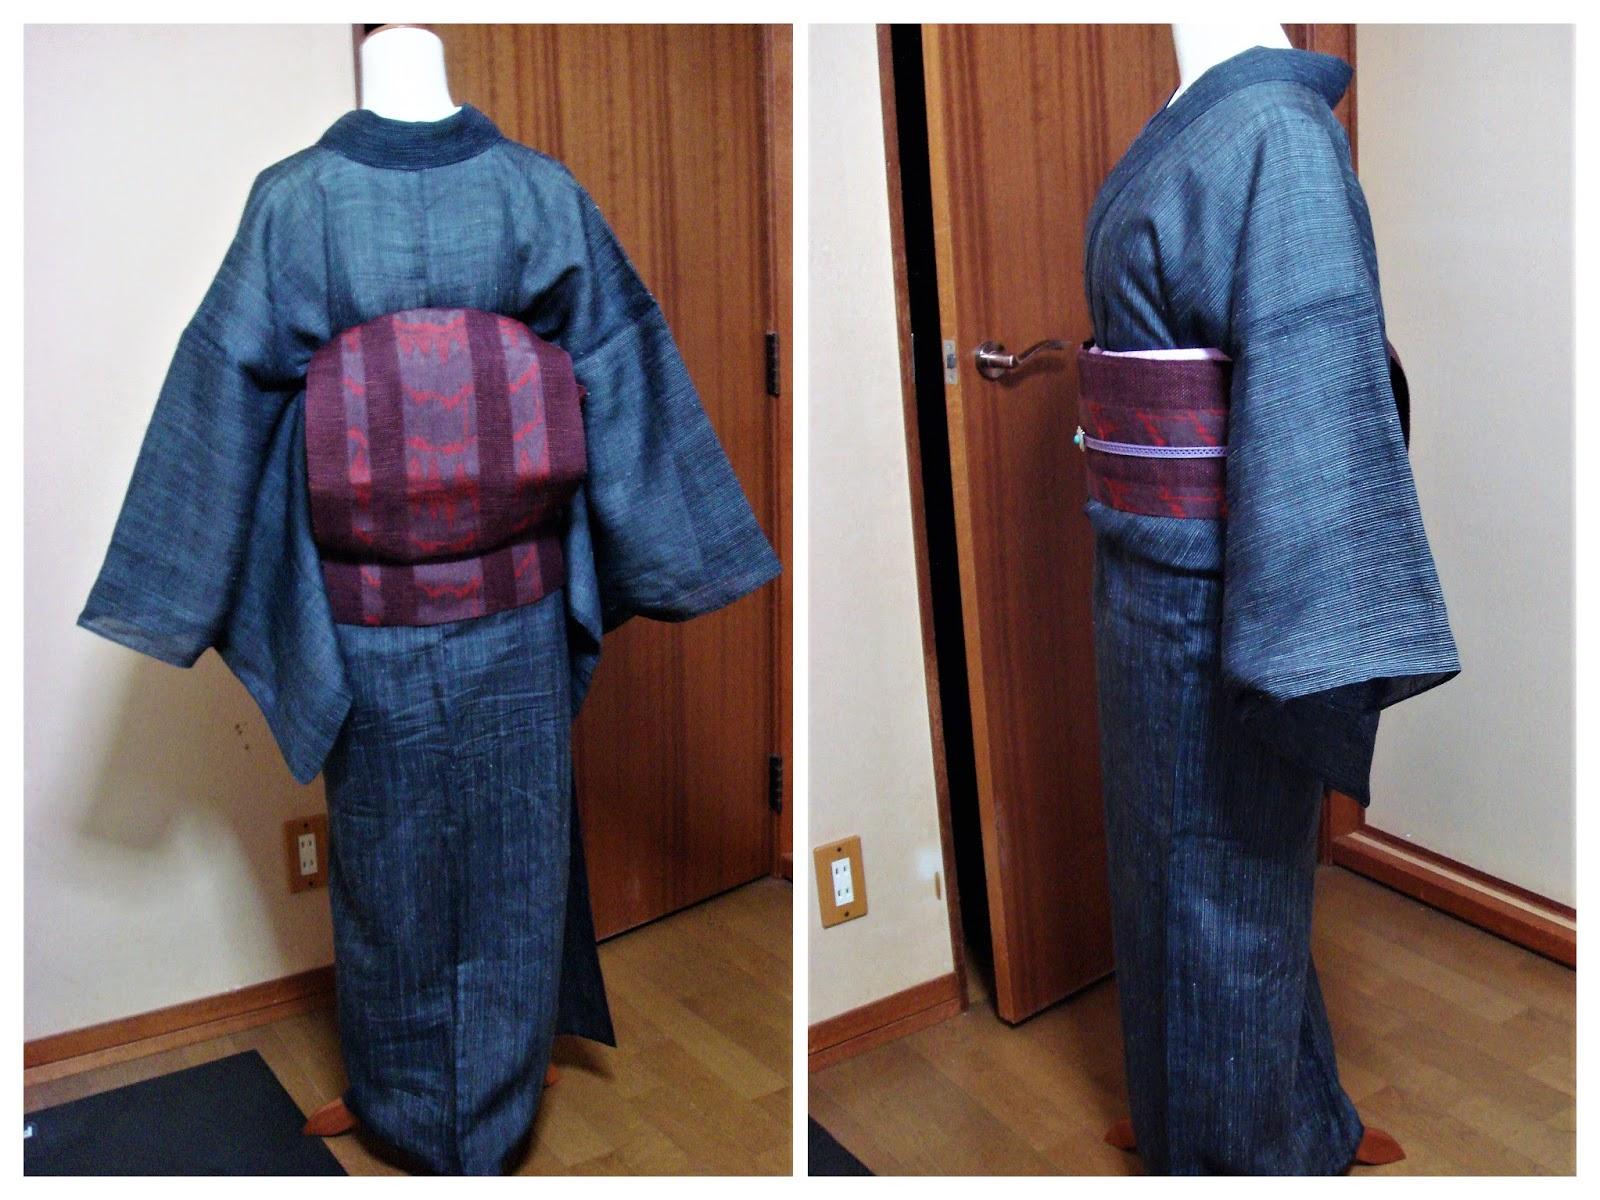 上布の着物にエスニックな麻帯の組み合わせ 50代の普段着物 ...